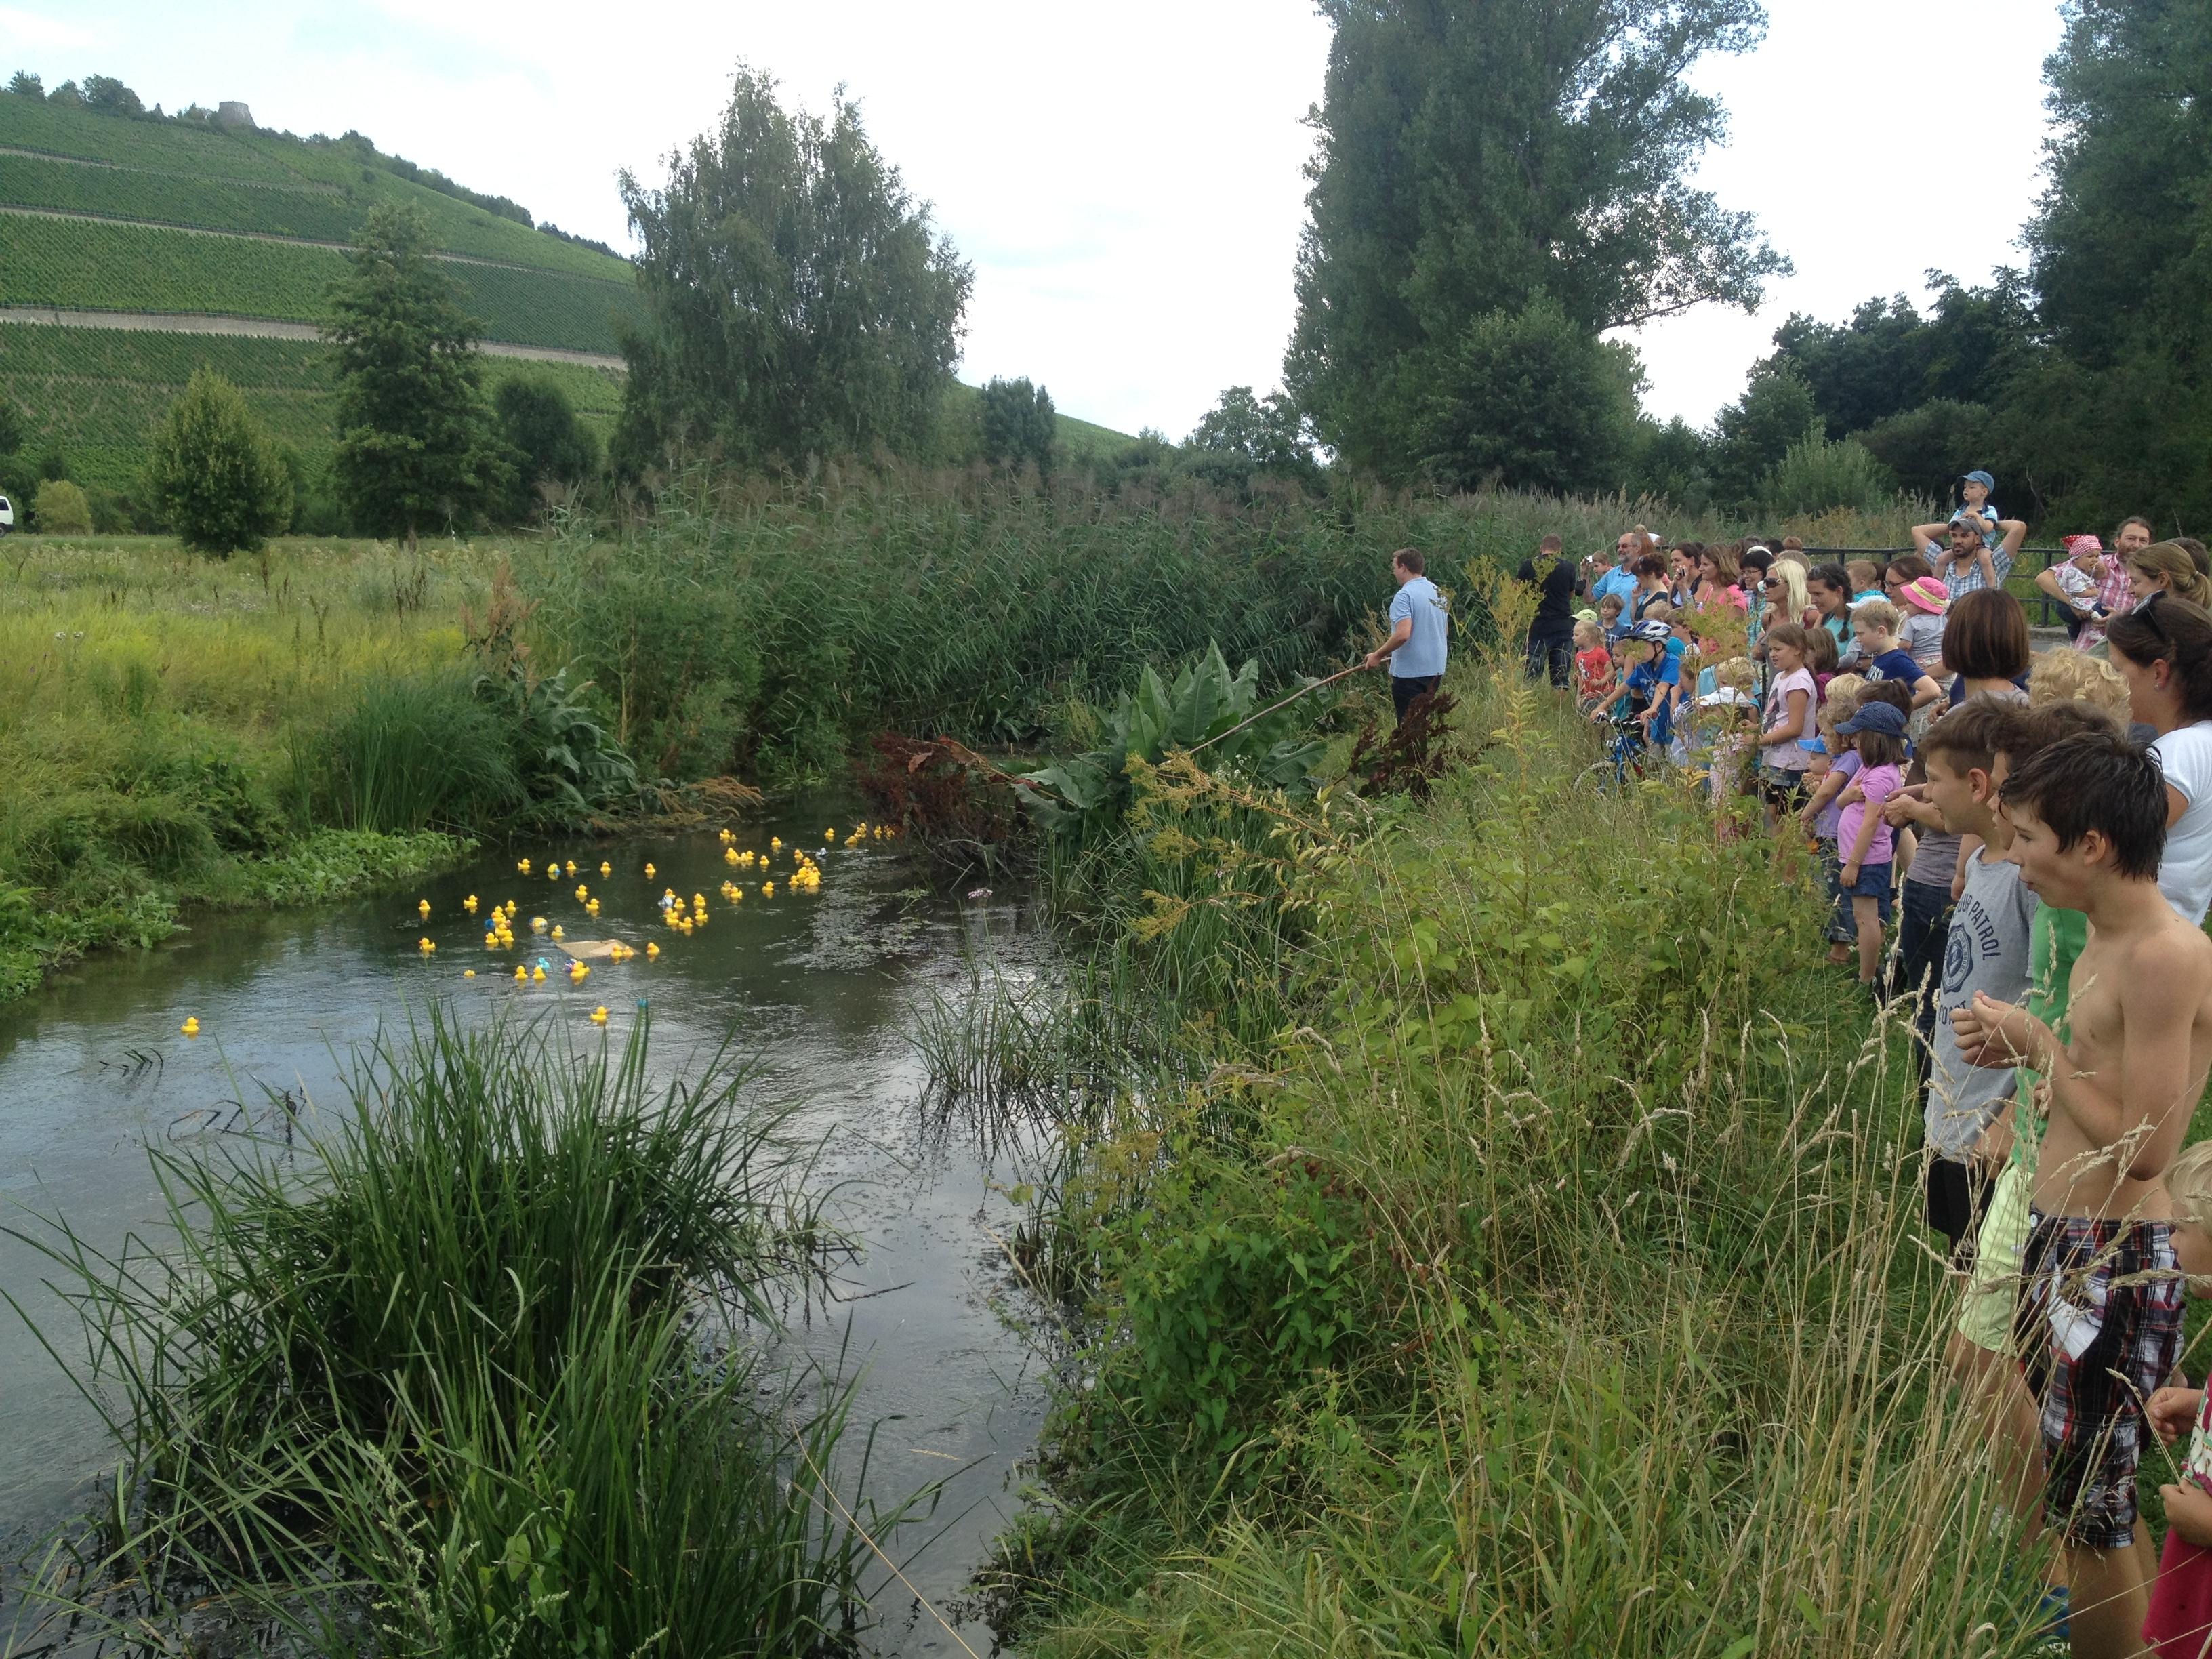 Eng gedrängt die Besuchermassen am Ufer, während die Enten um die Platzierungen kämpften.